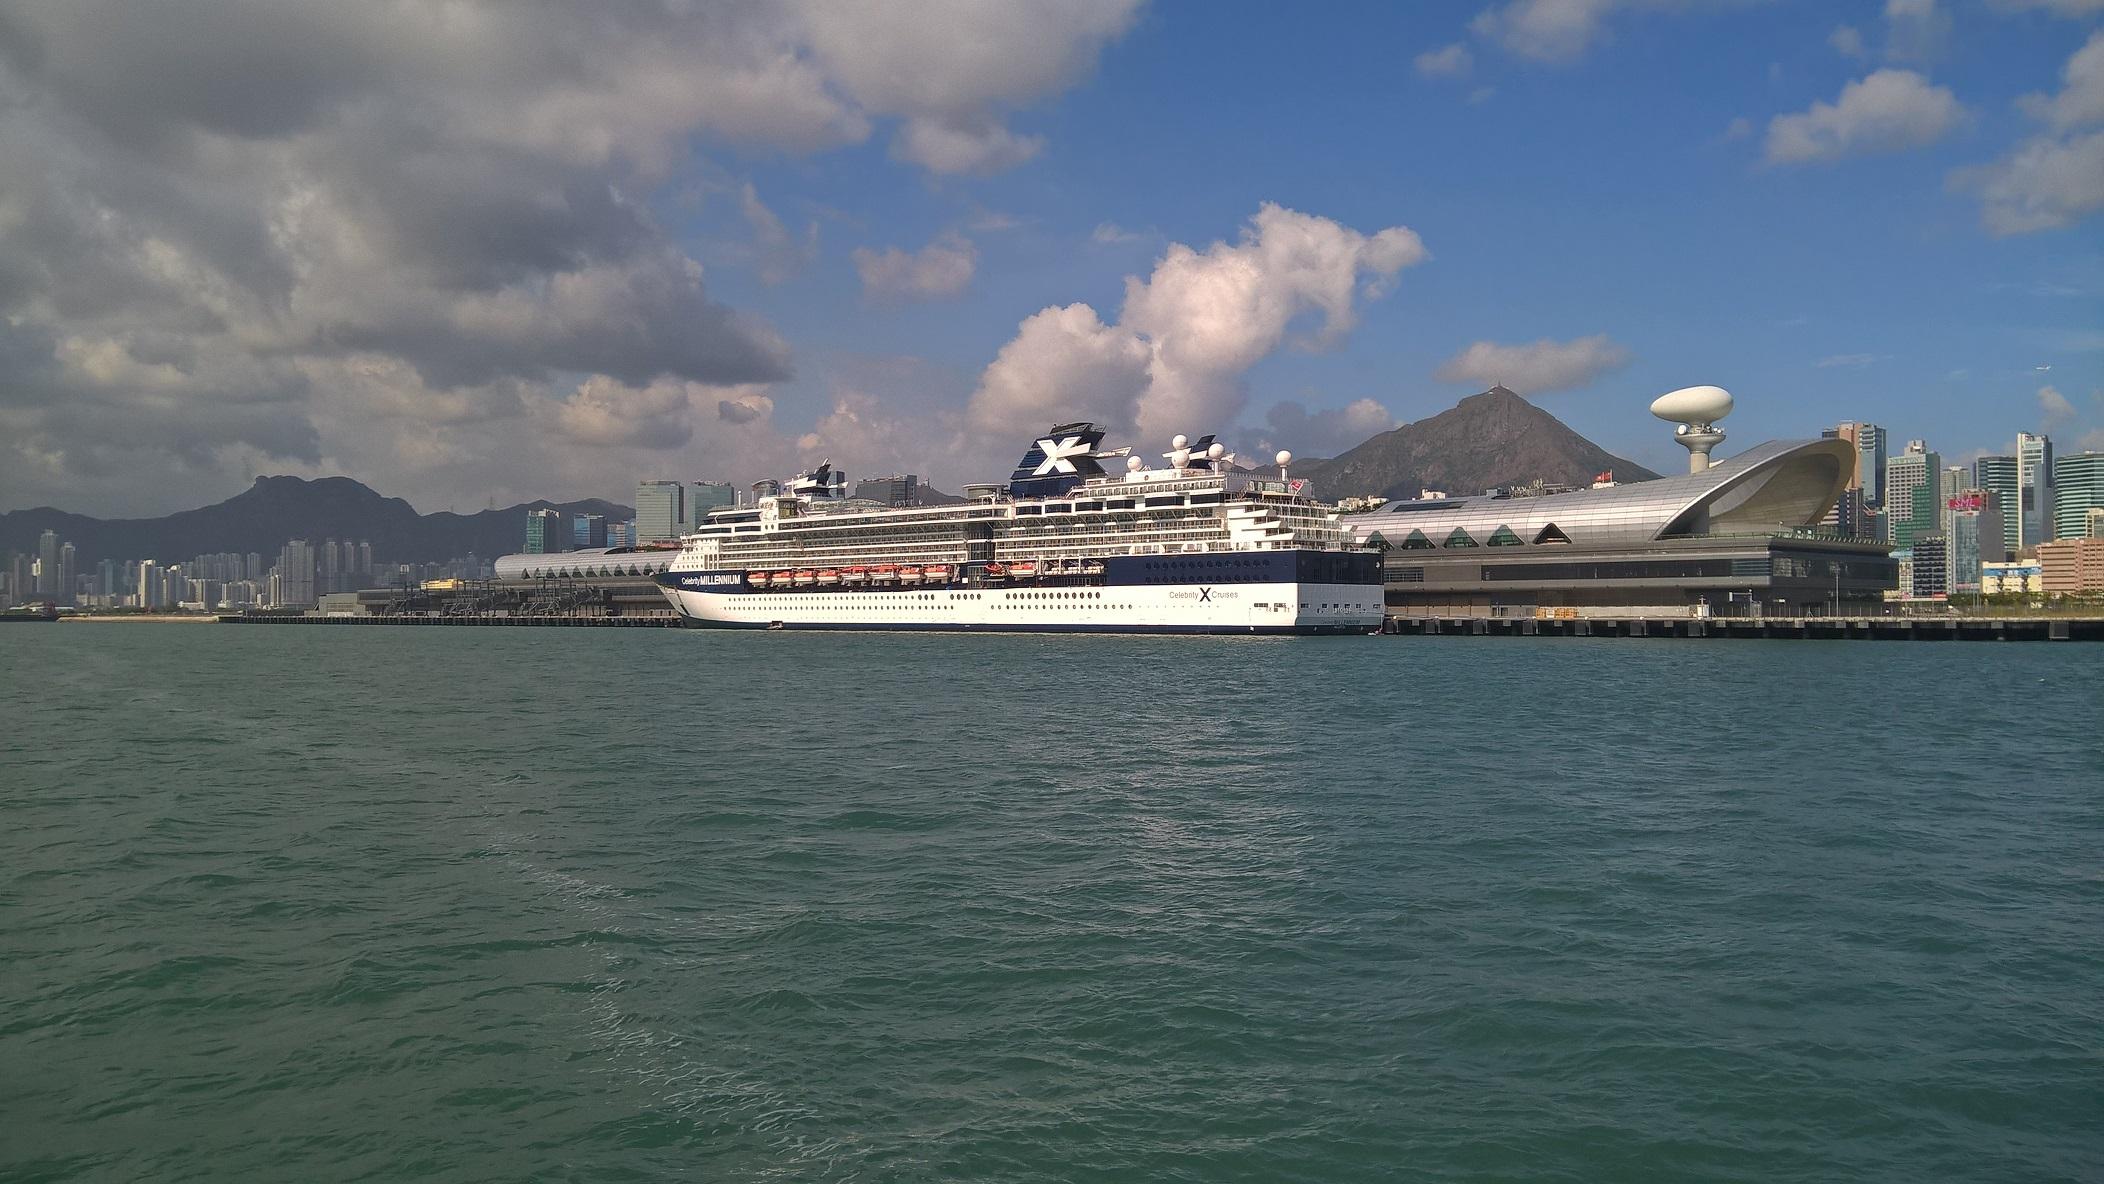 Photo taken from local ferry. Left to right, Lion Rock, Kai Tak Cruise Terminal, Kowloon Peak